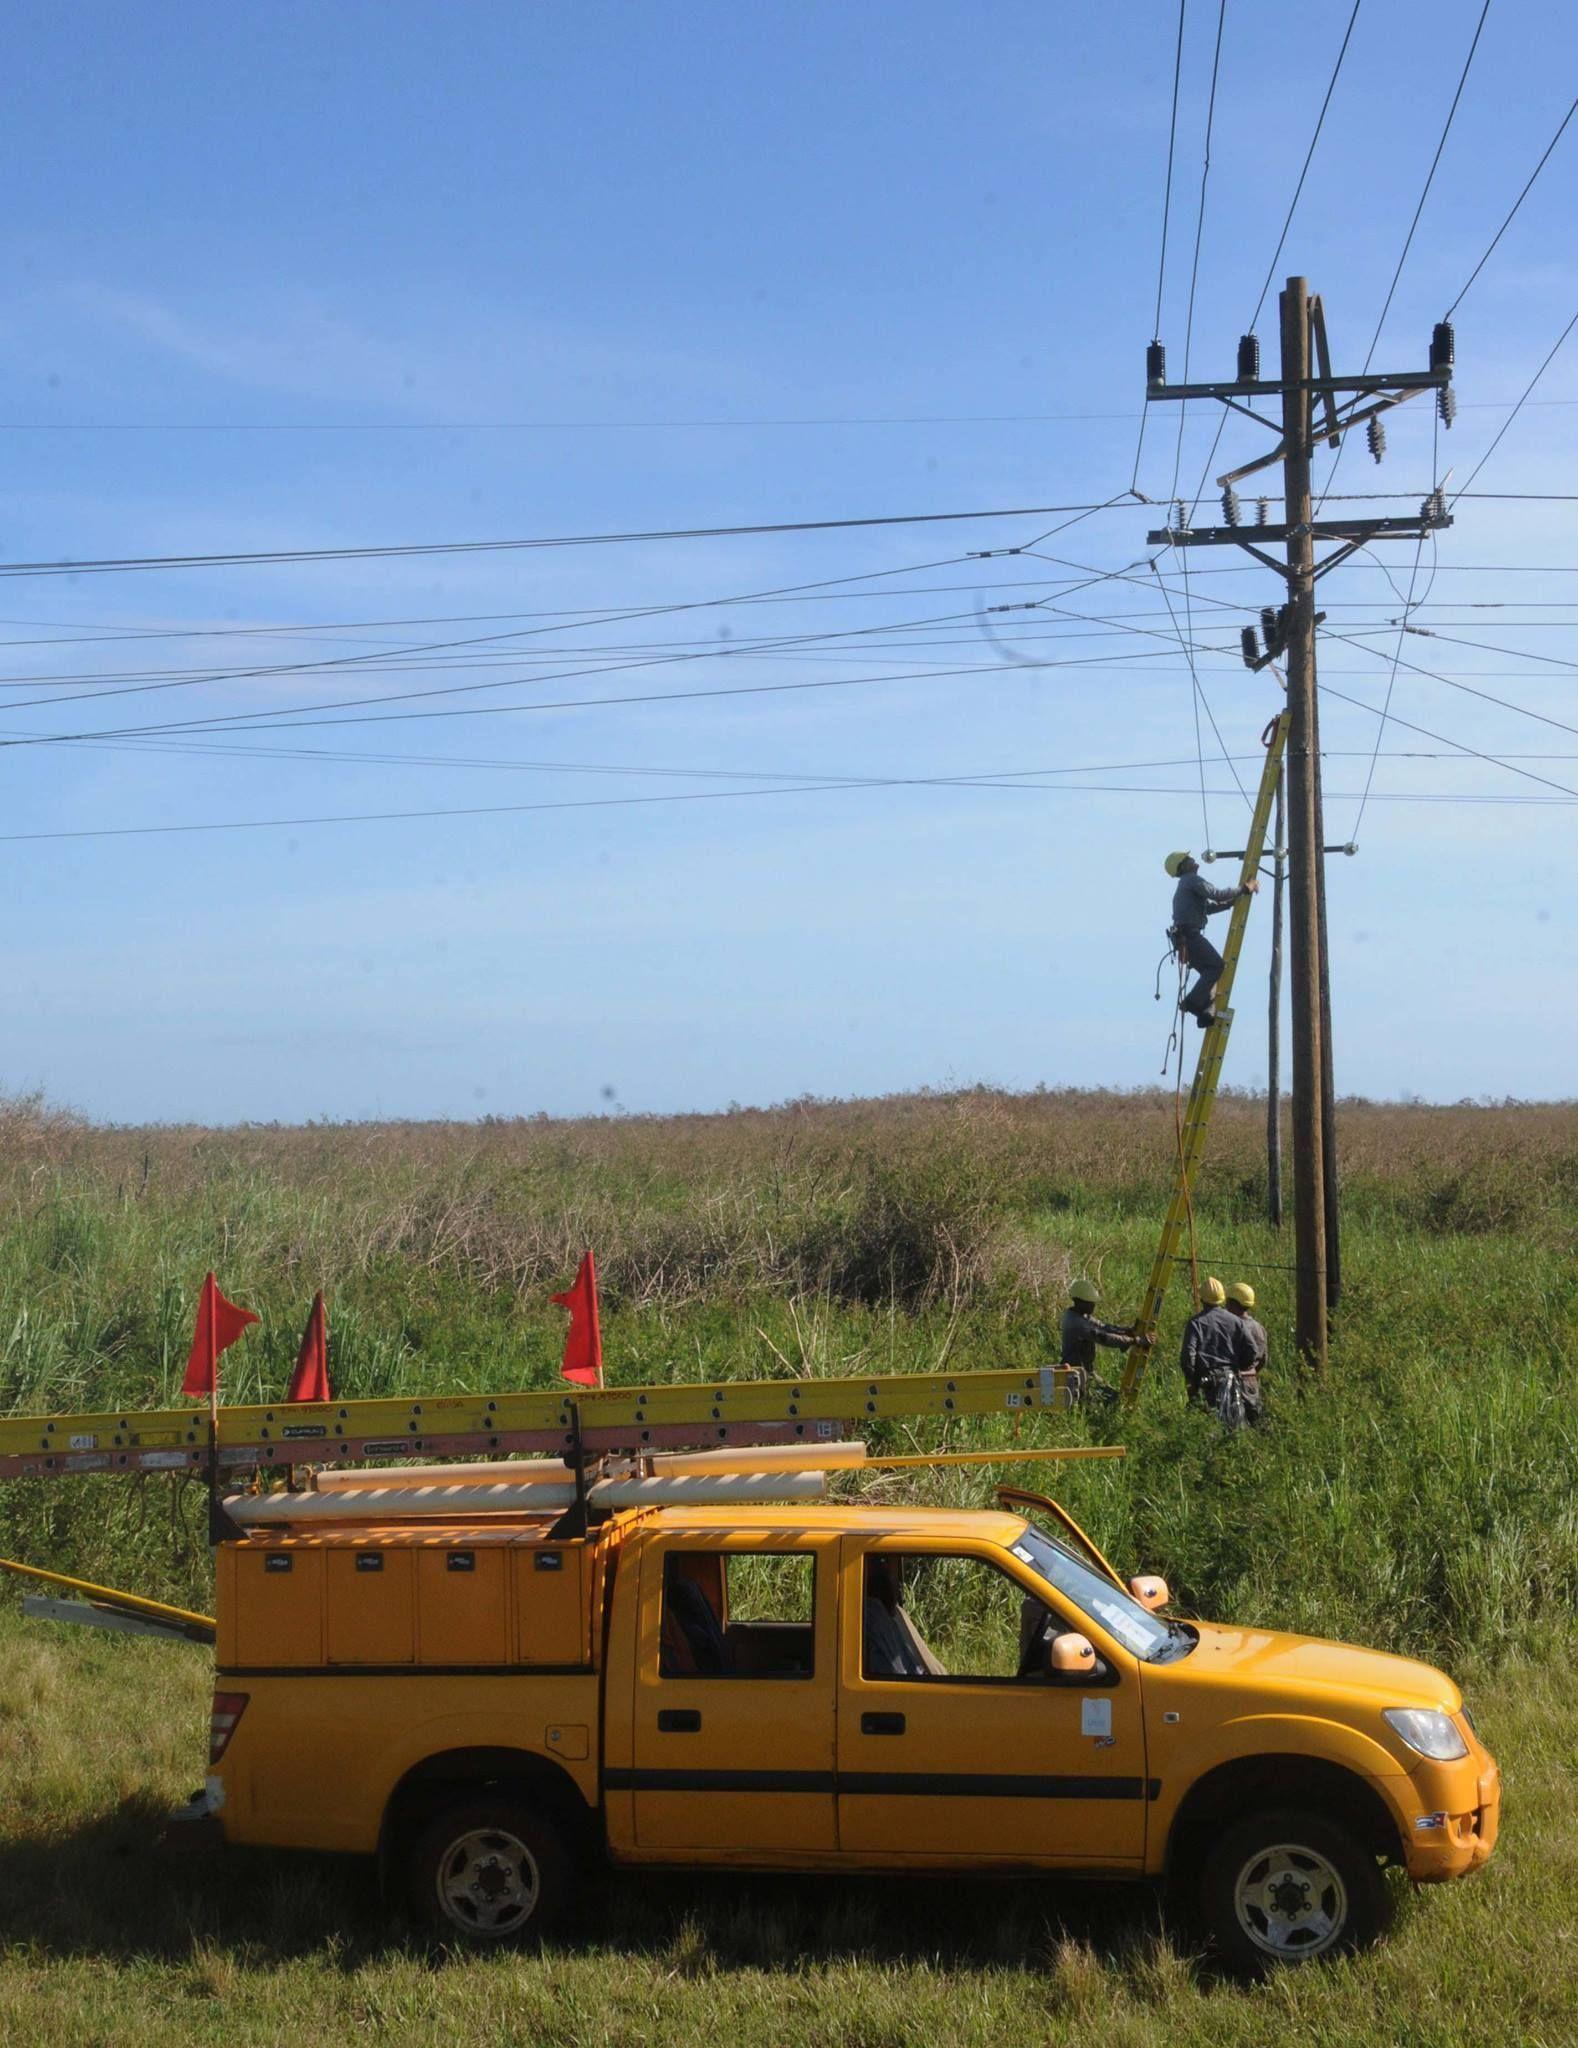 Recuperación en Sierra de Cubitas. Eléctricos en acción. Foto: Orlando Durán Hernández / Cubadebate